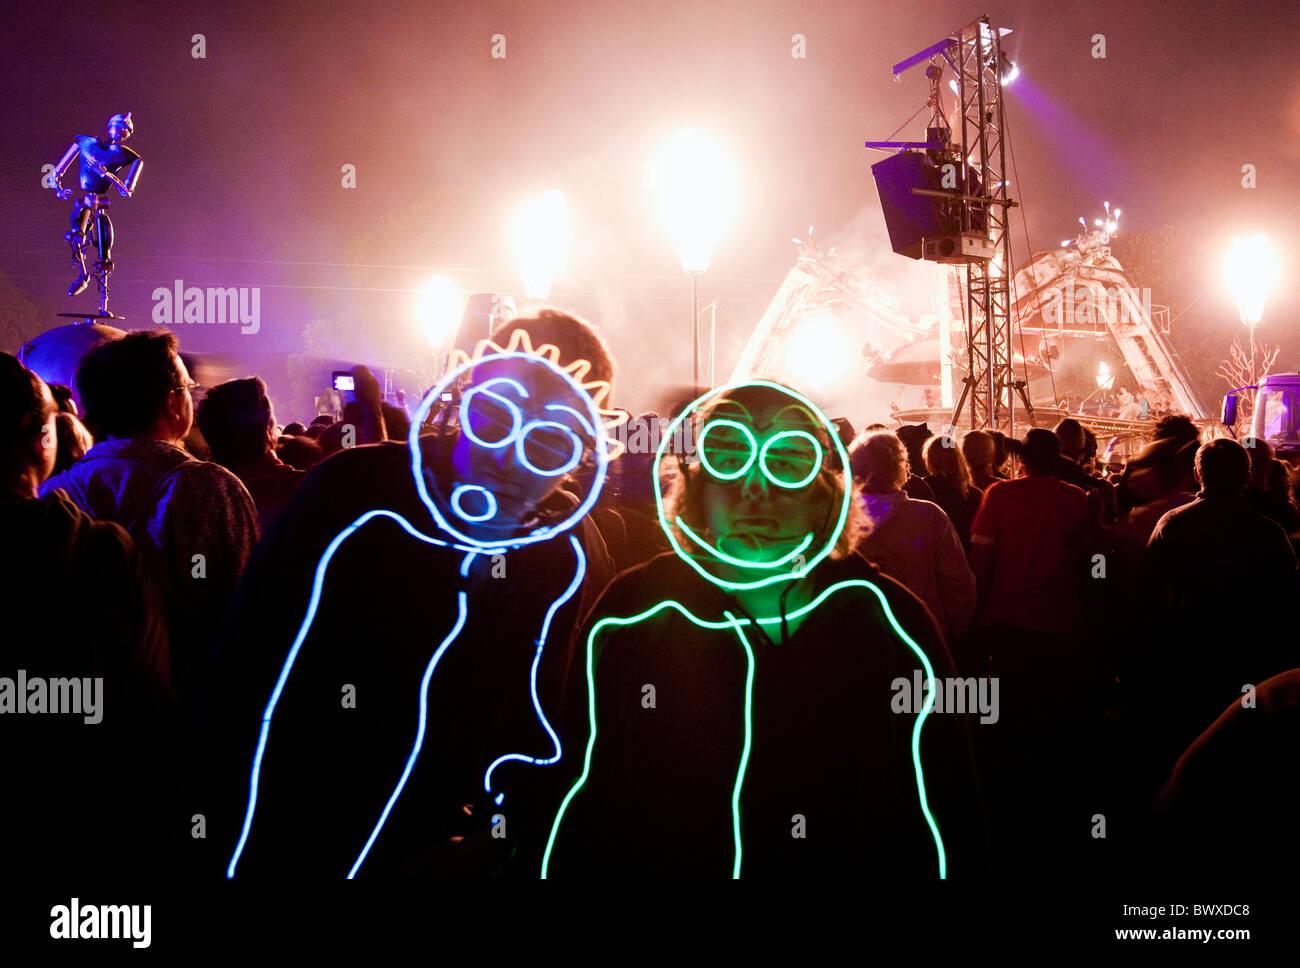 Festival Goers In Luminous Suits Near Arcadia Glastonbury Festival Somerset UK Europe - Stock Image